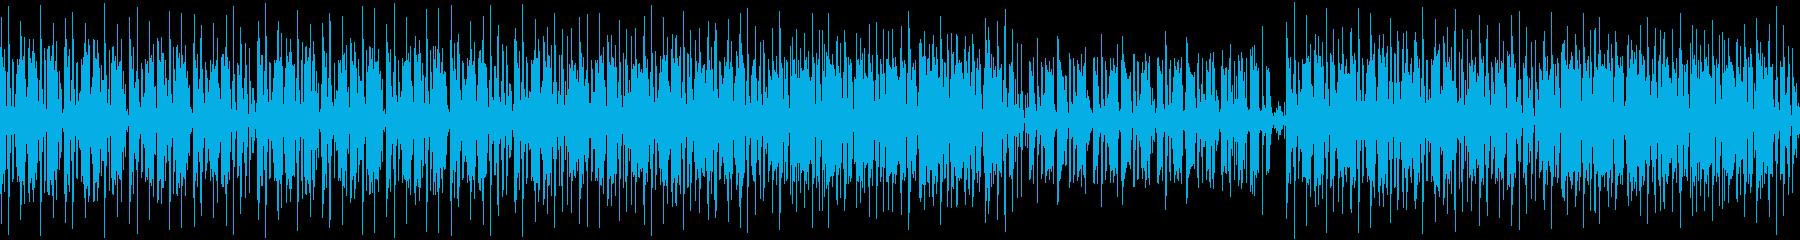 少しダークな雰囲気のあるシンプルなBGMの再生済みの波形